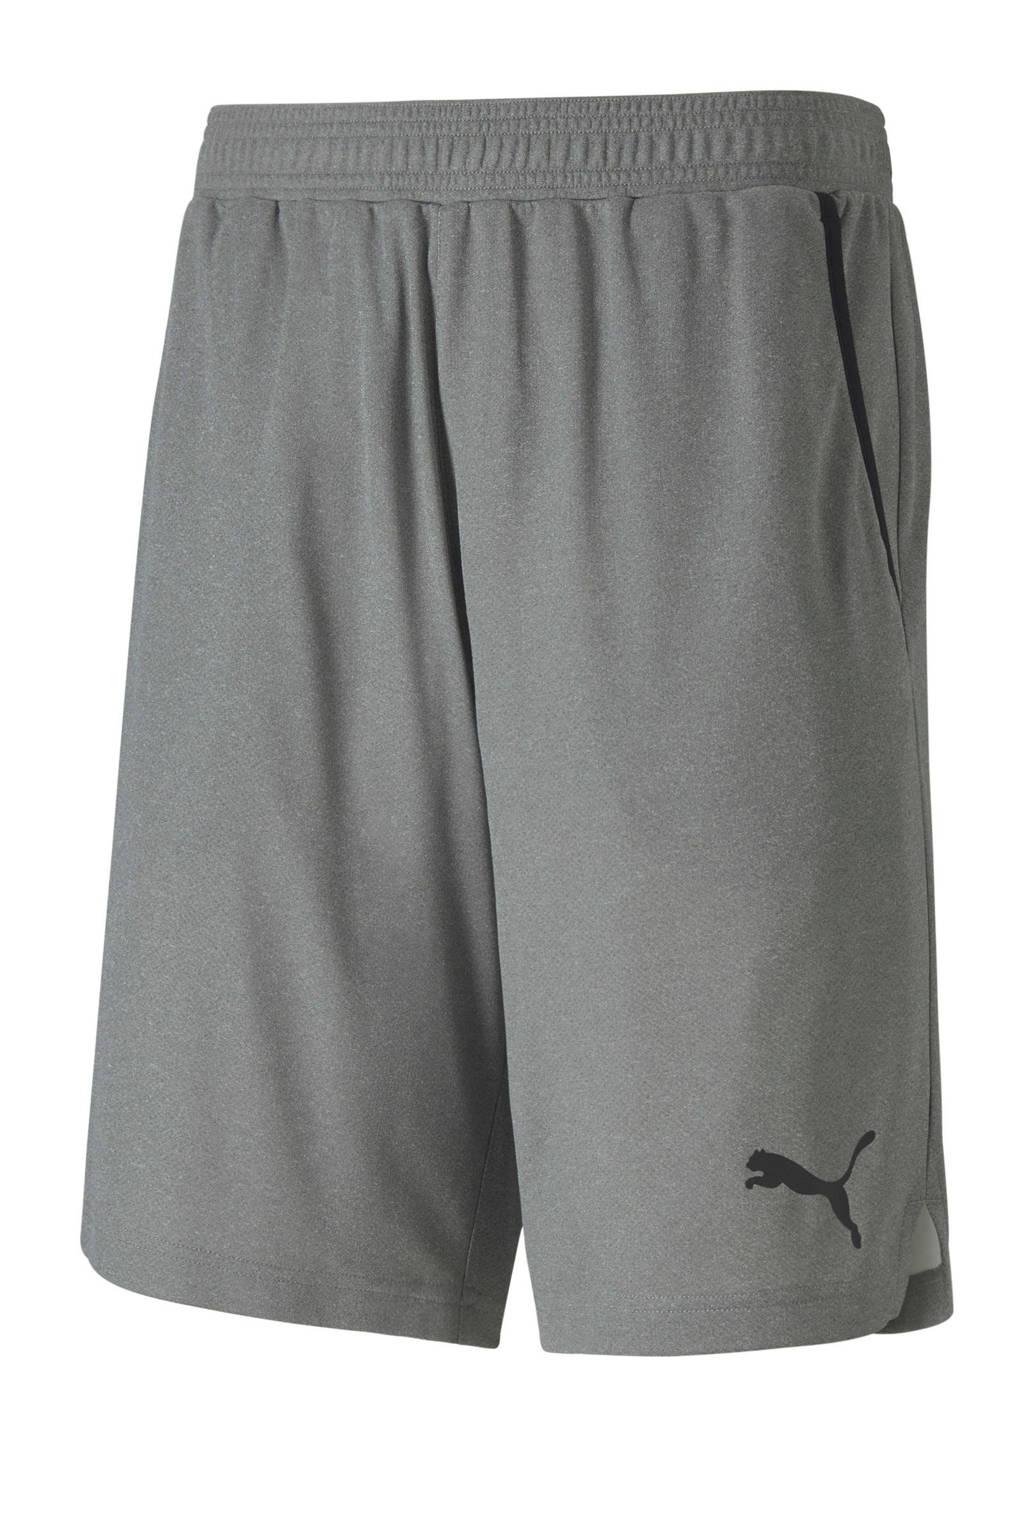 Puma short grijs, Grijs